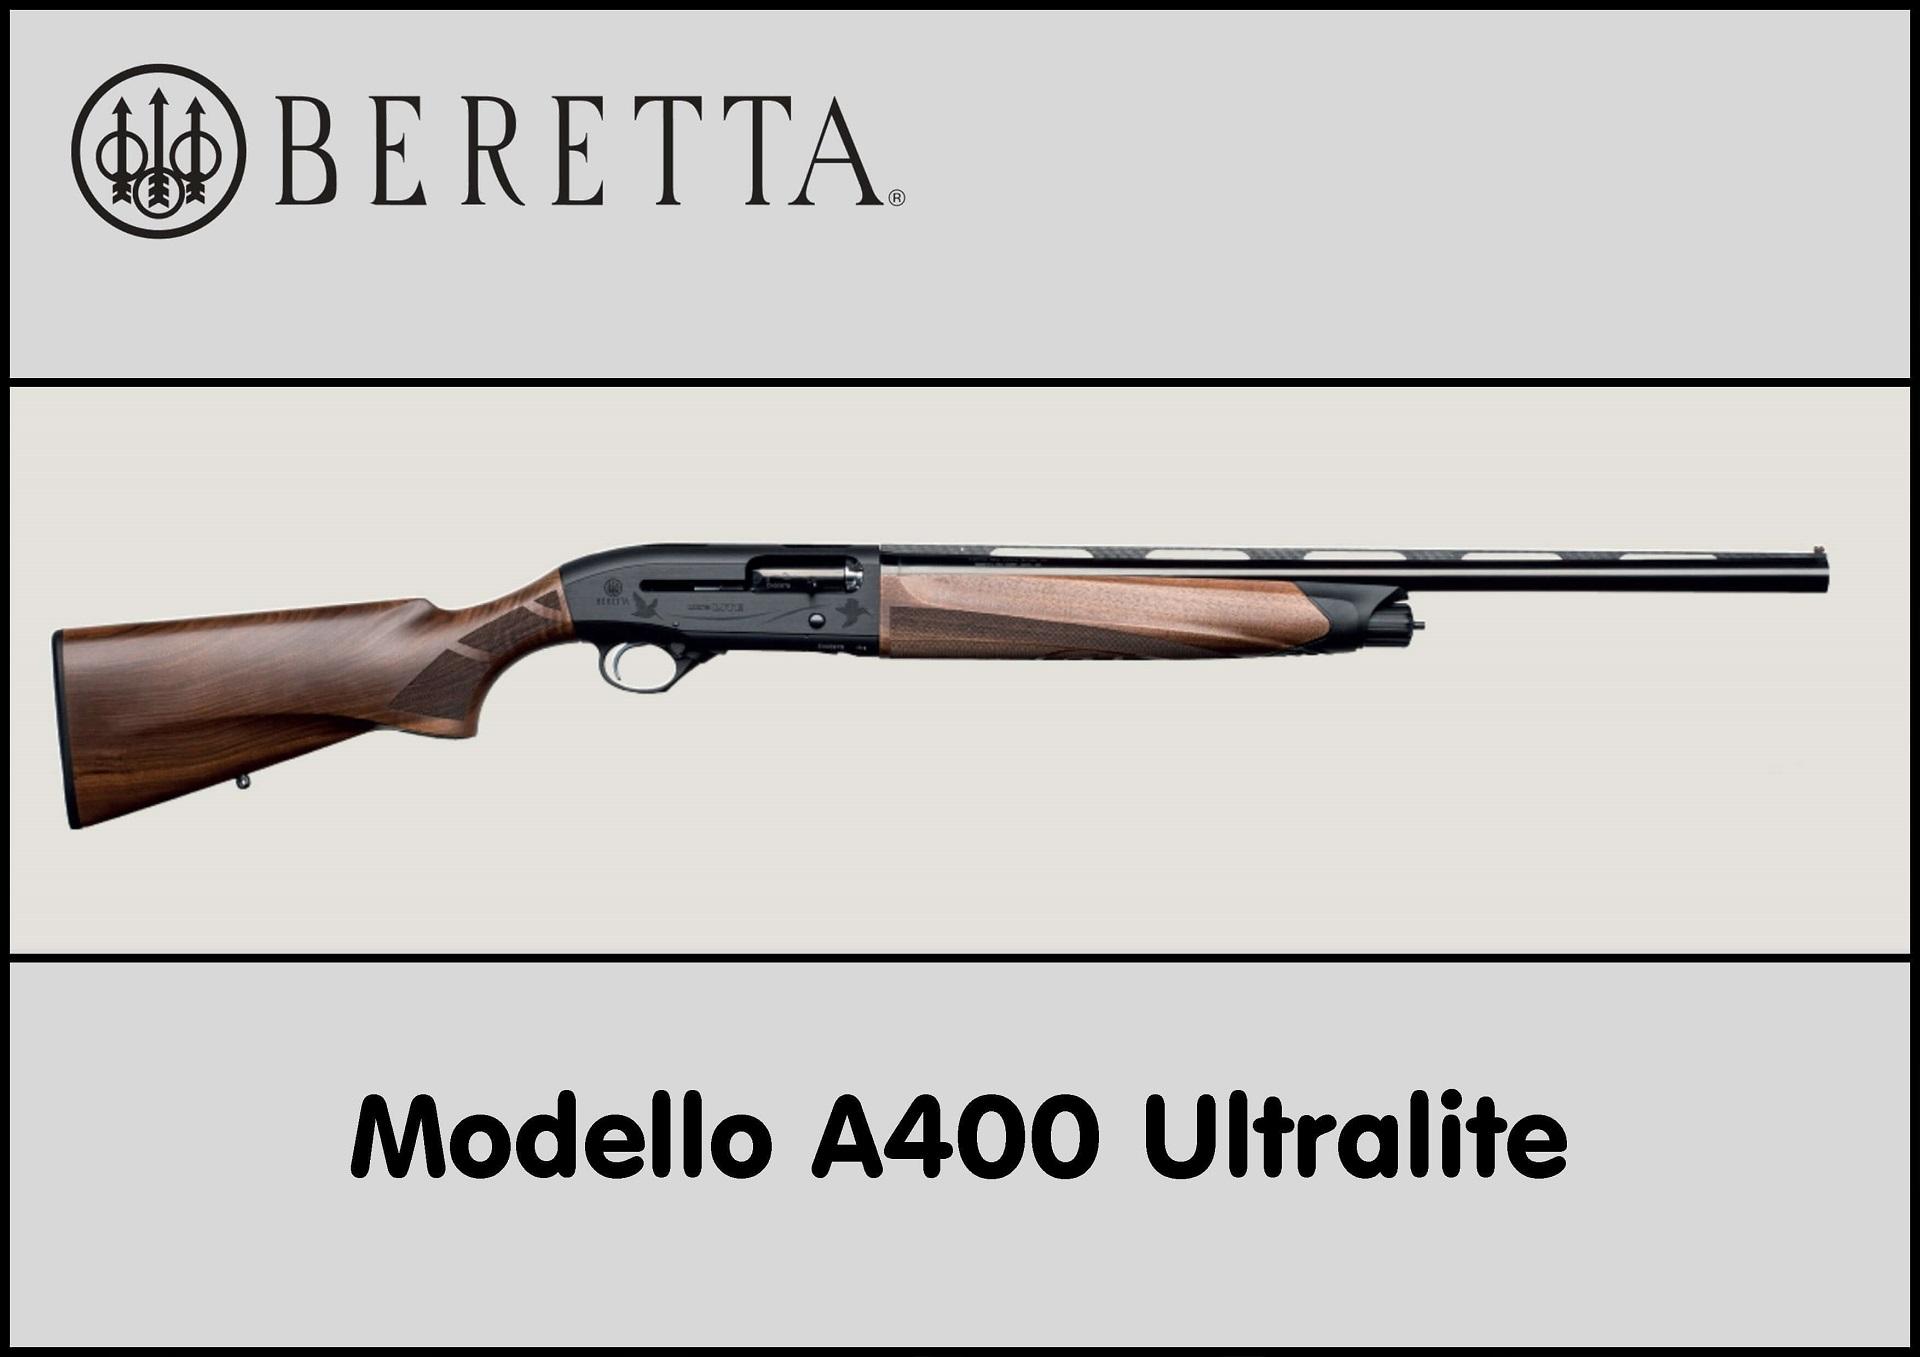 Fucile Semiautomatico Beretta A400 Ultralite calibro 12